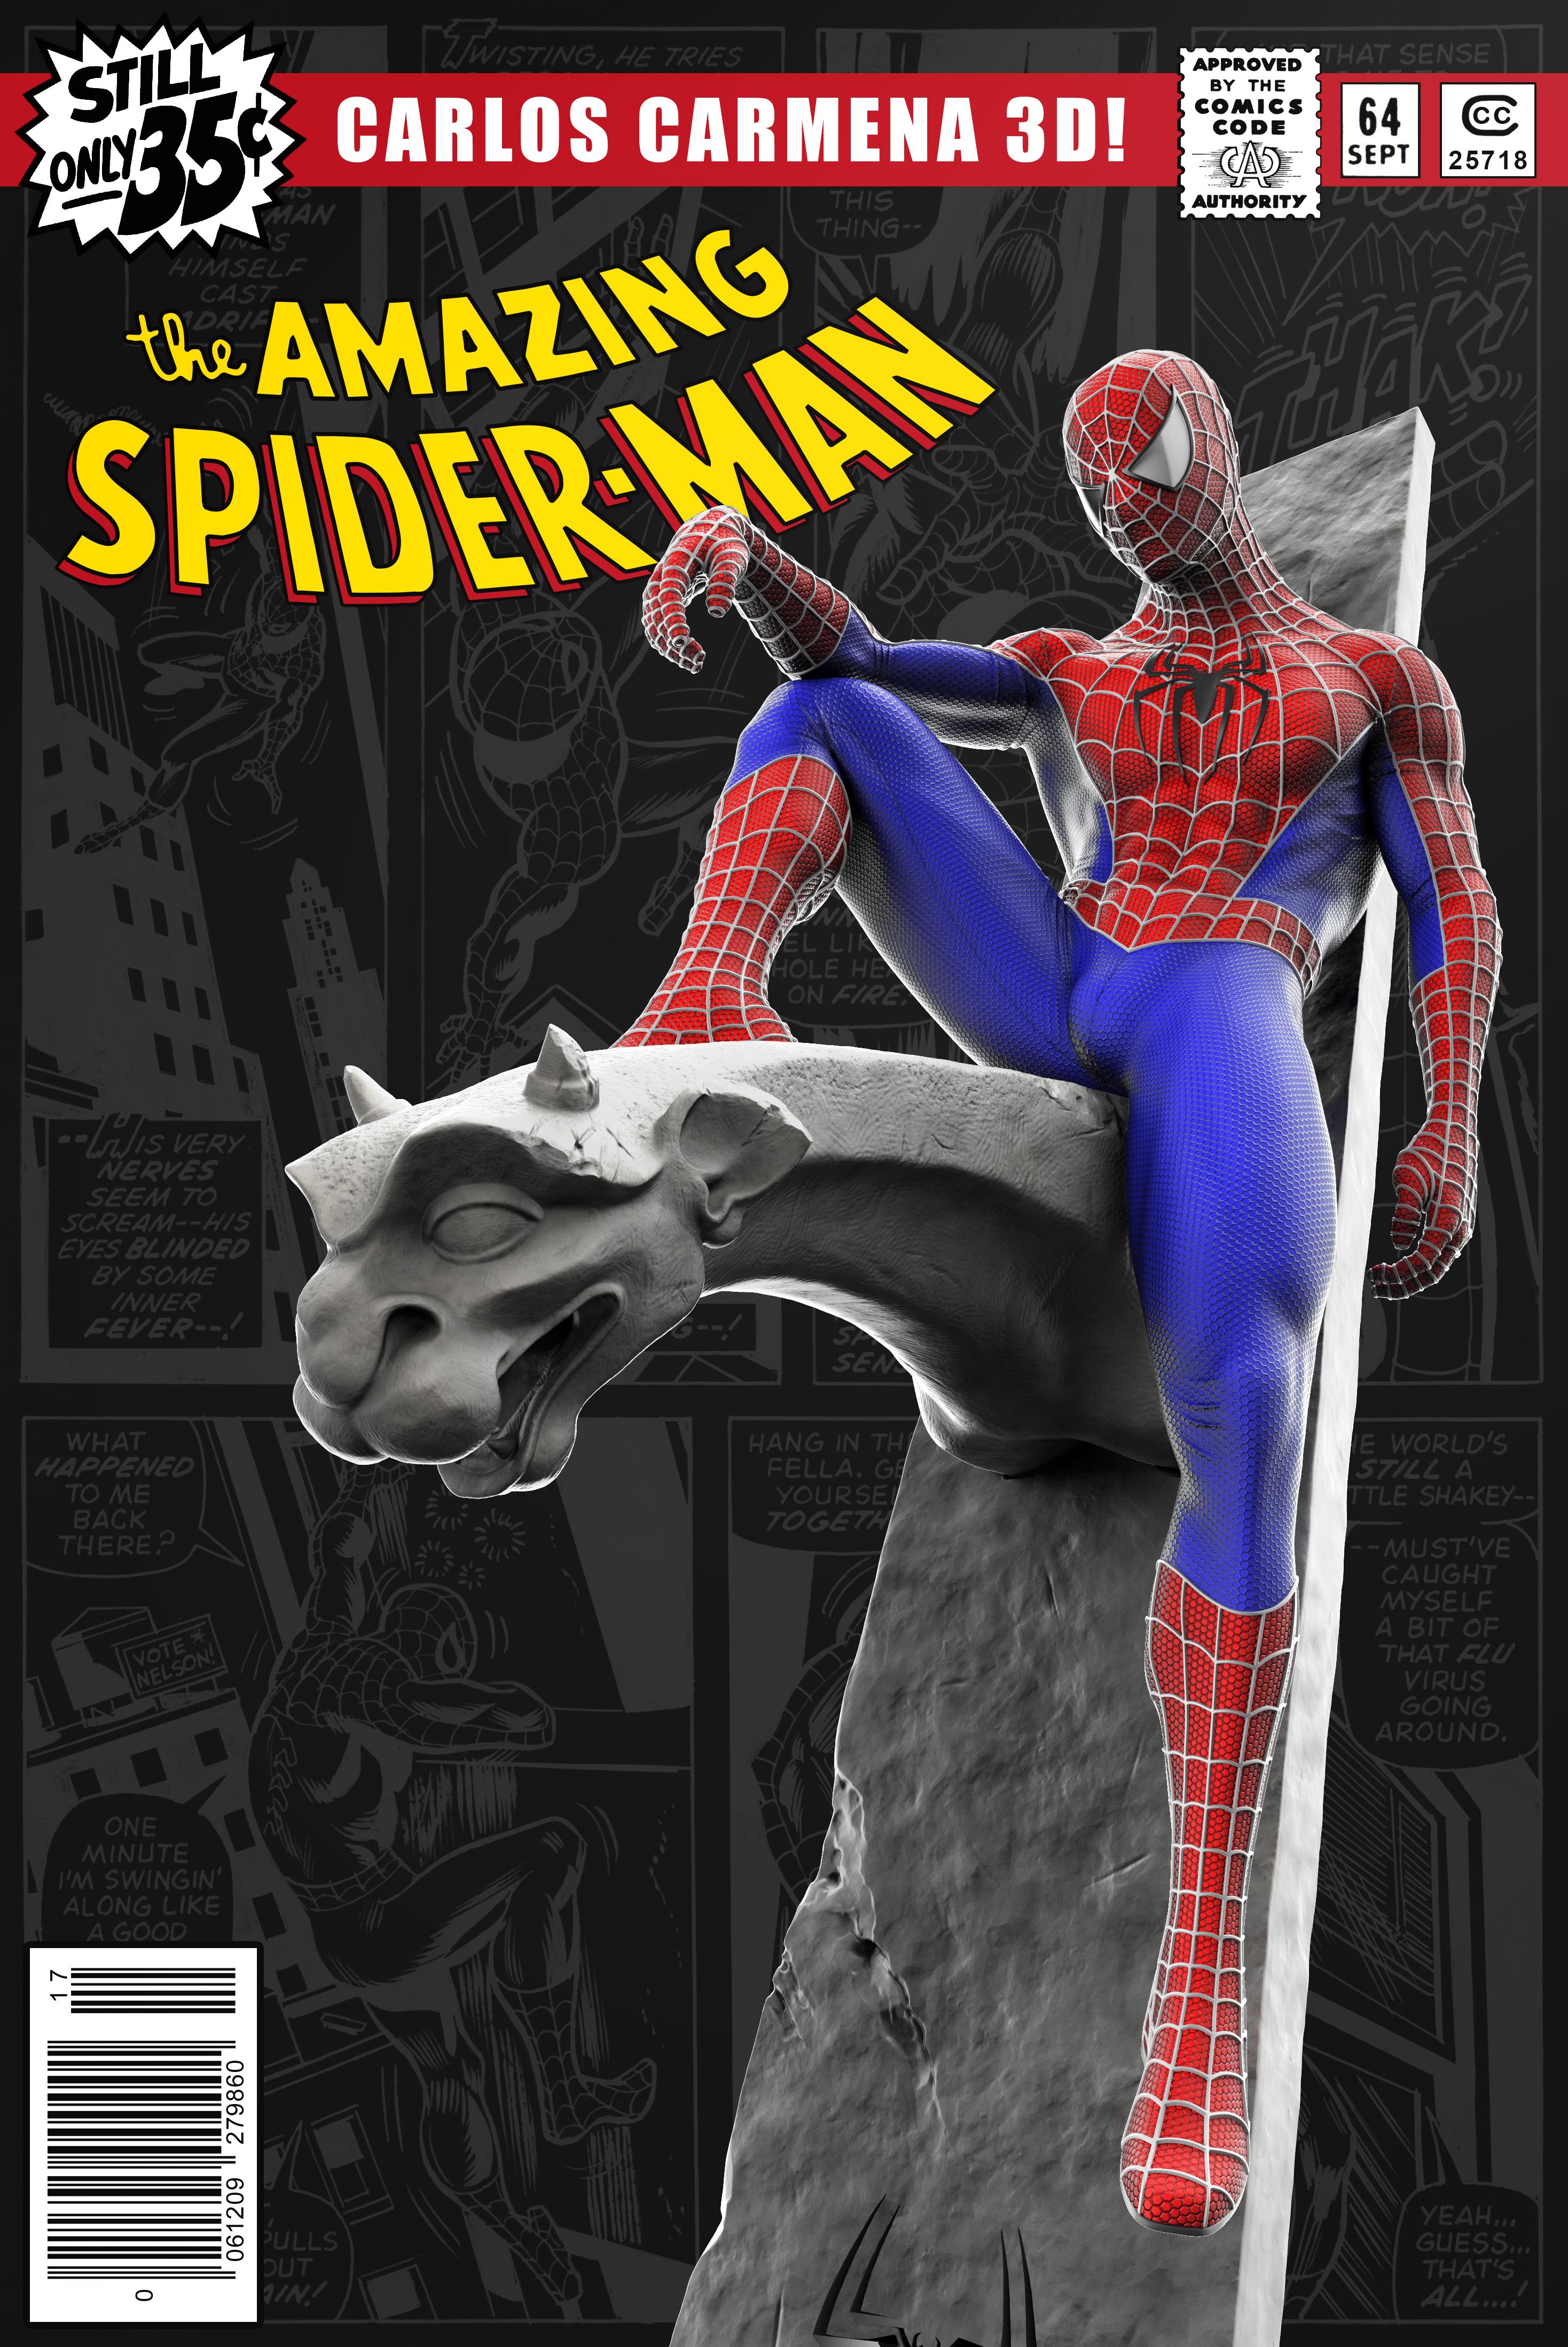 Proyecto Spiderman, Composición.